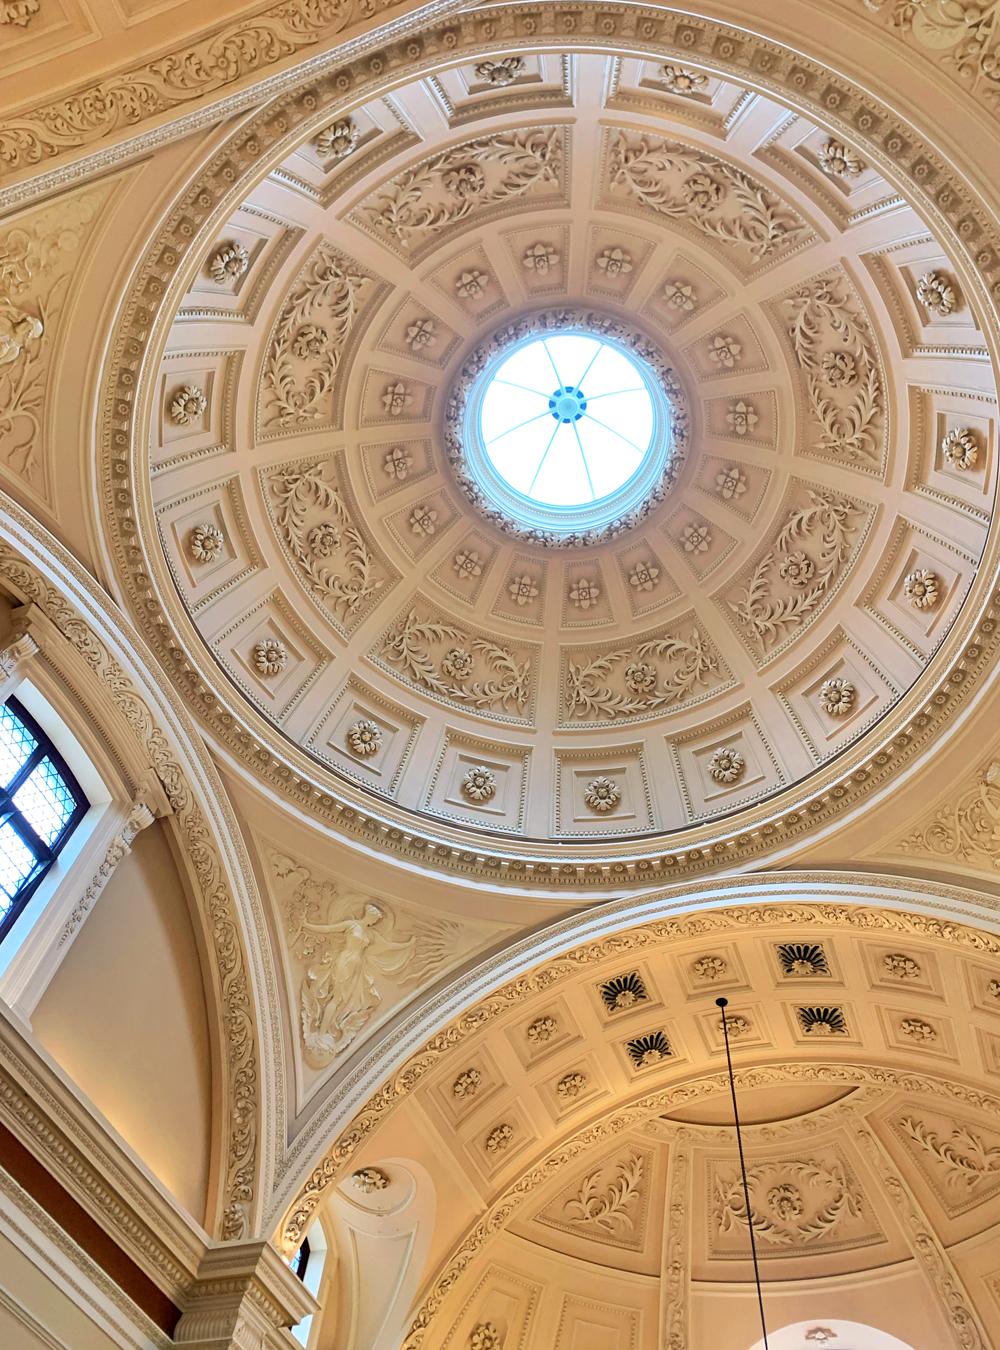 Bath architecture - Emma Louise Layla, UK travel & lifestyle blog